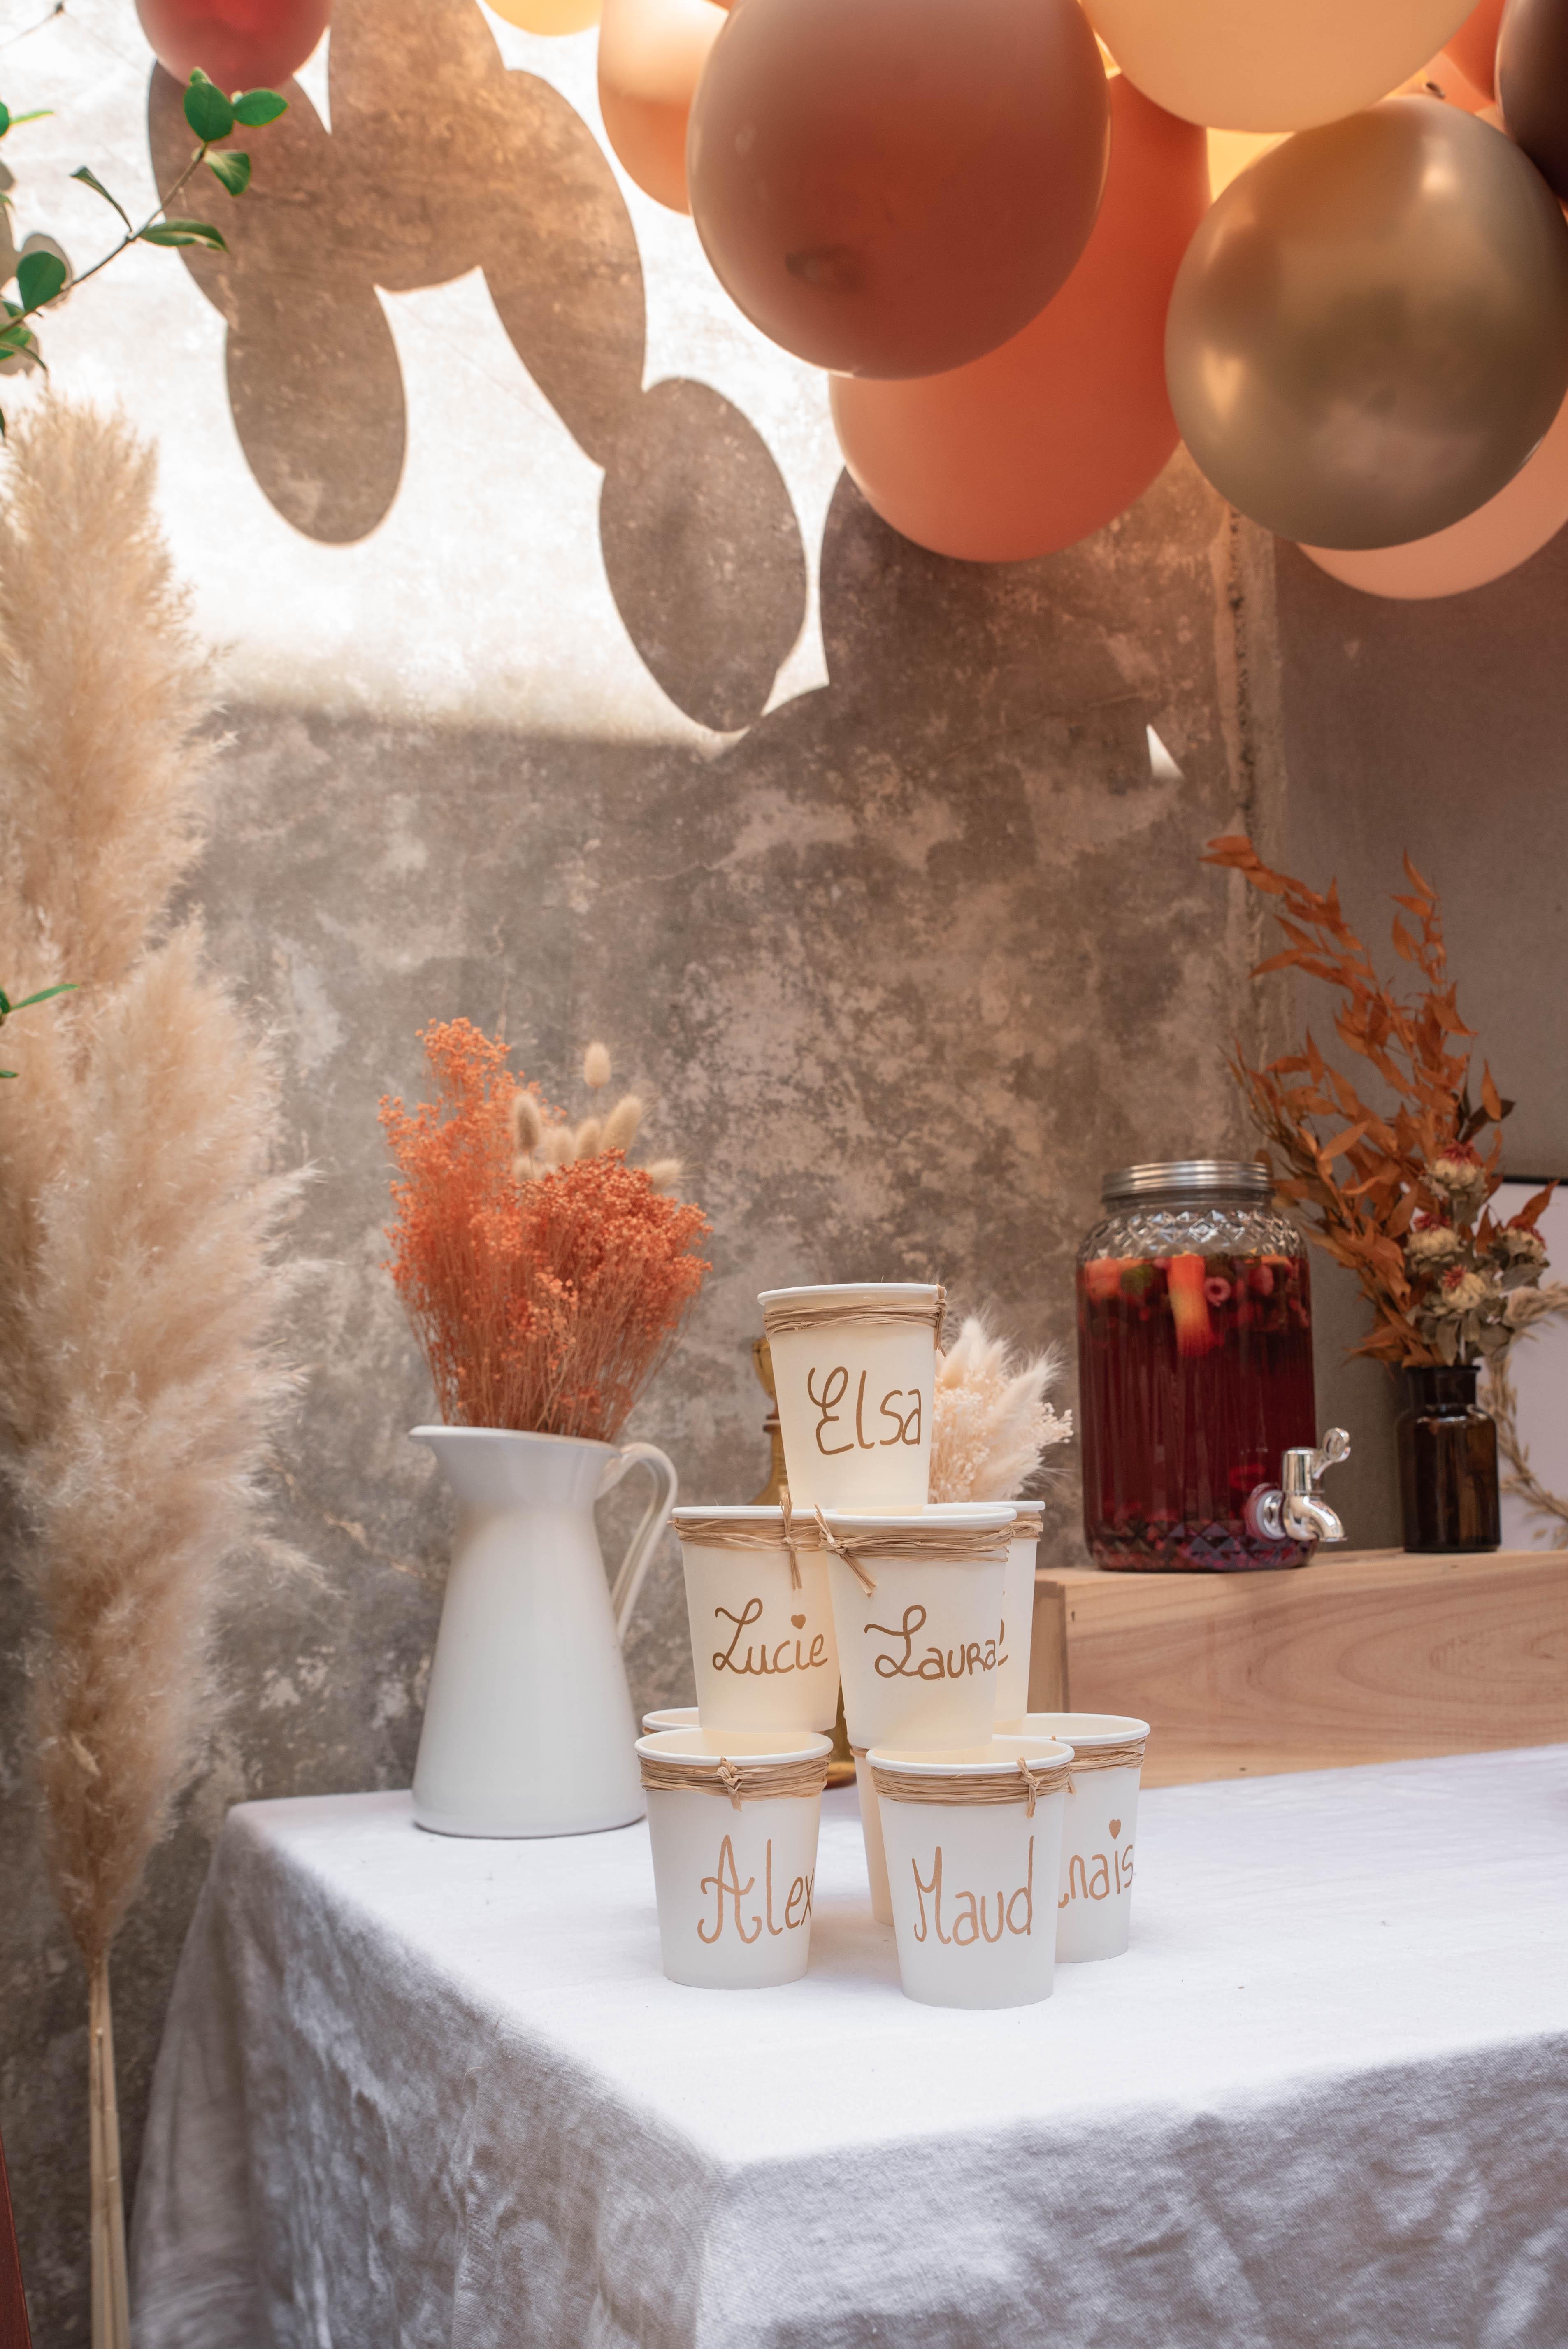 Comment-organiser-une-Baby-Shower-customiser-verres-invitées-mademoiselle-e